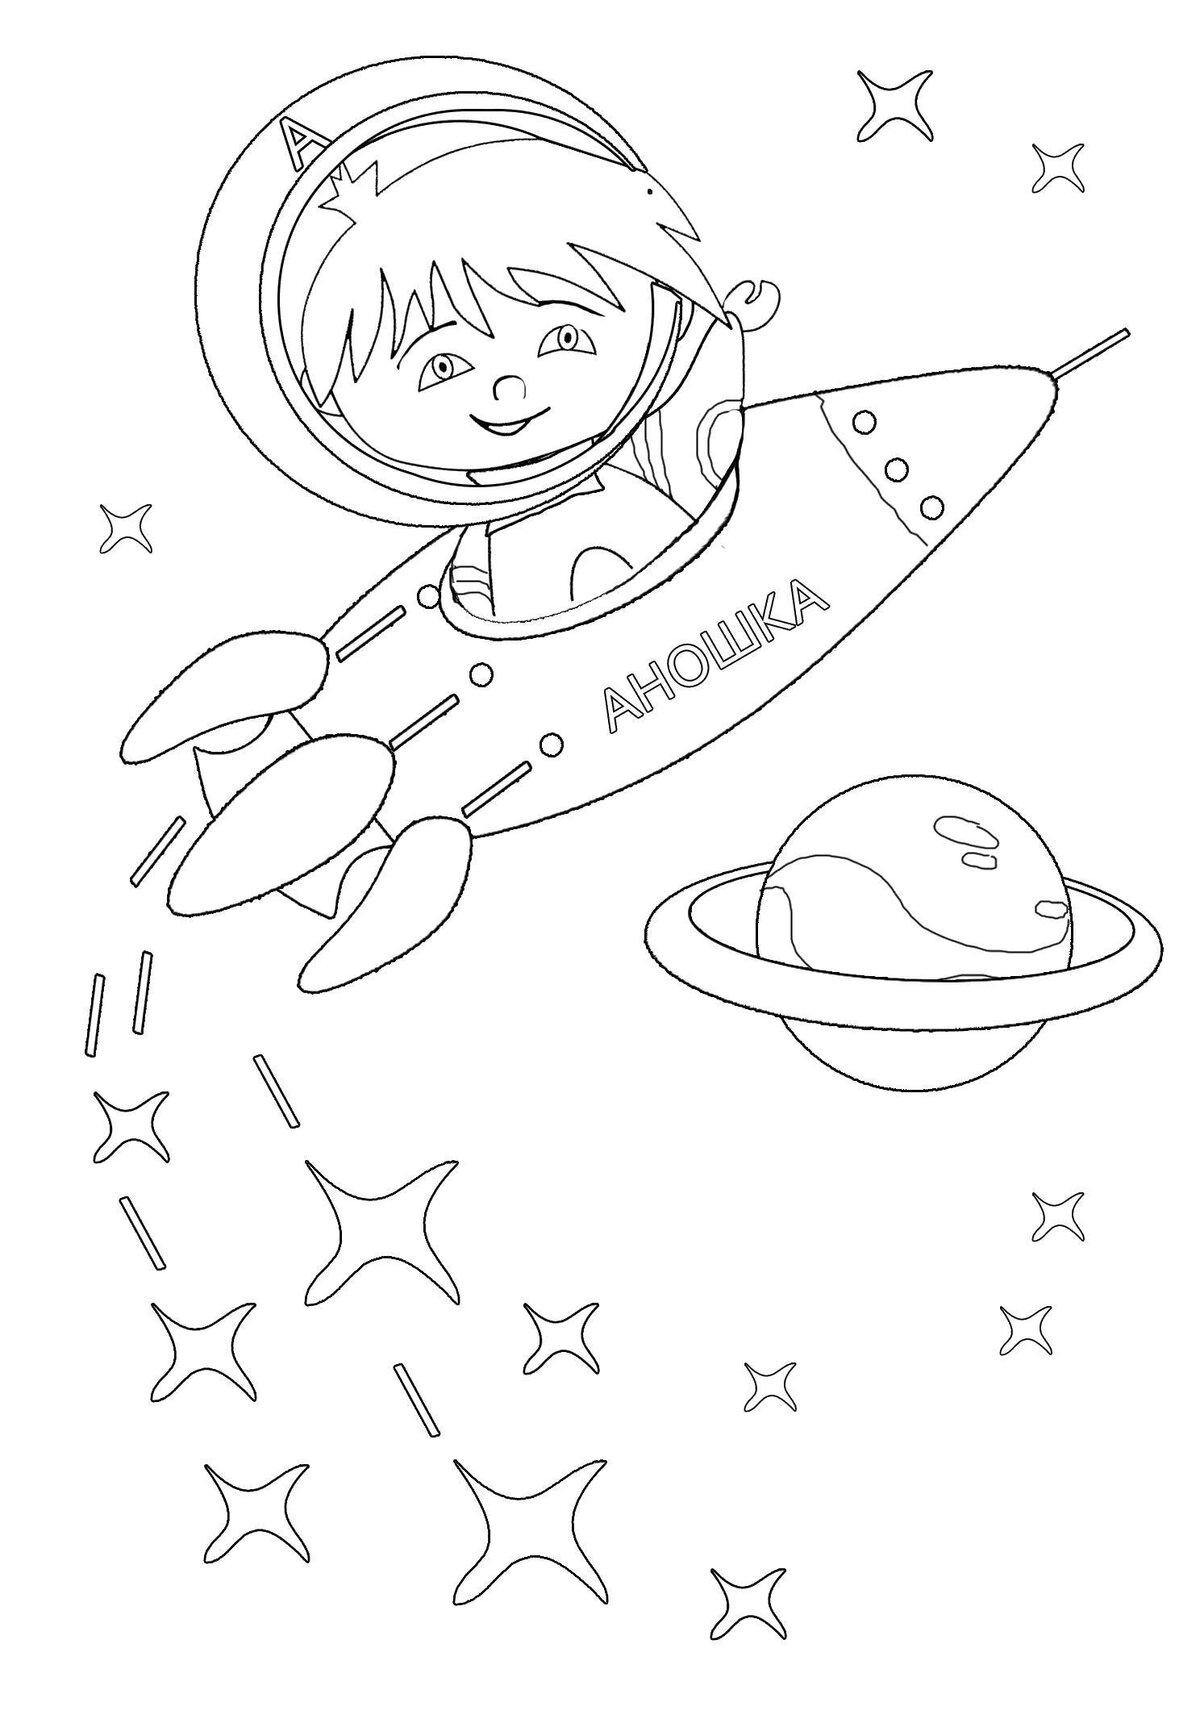 Открытки ко дню космонавтики для школьников, открытки